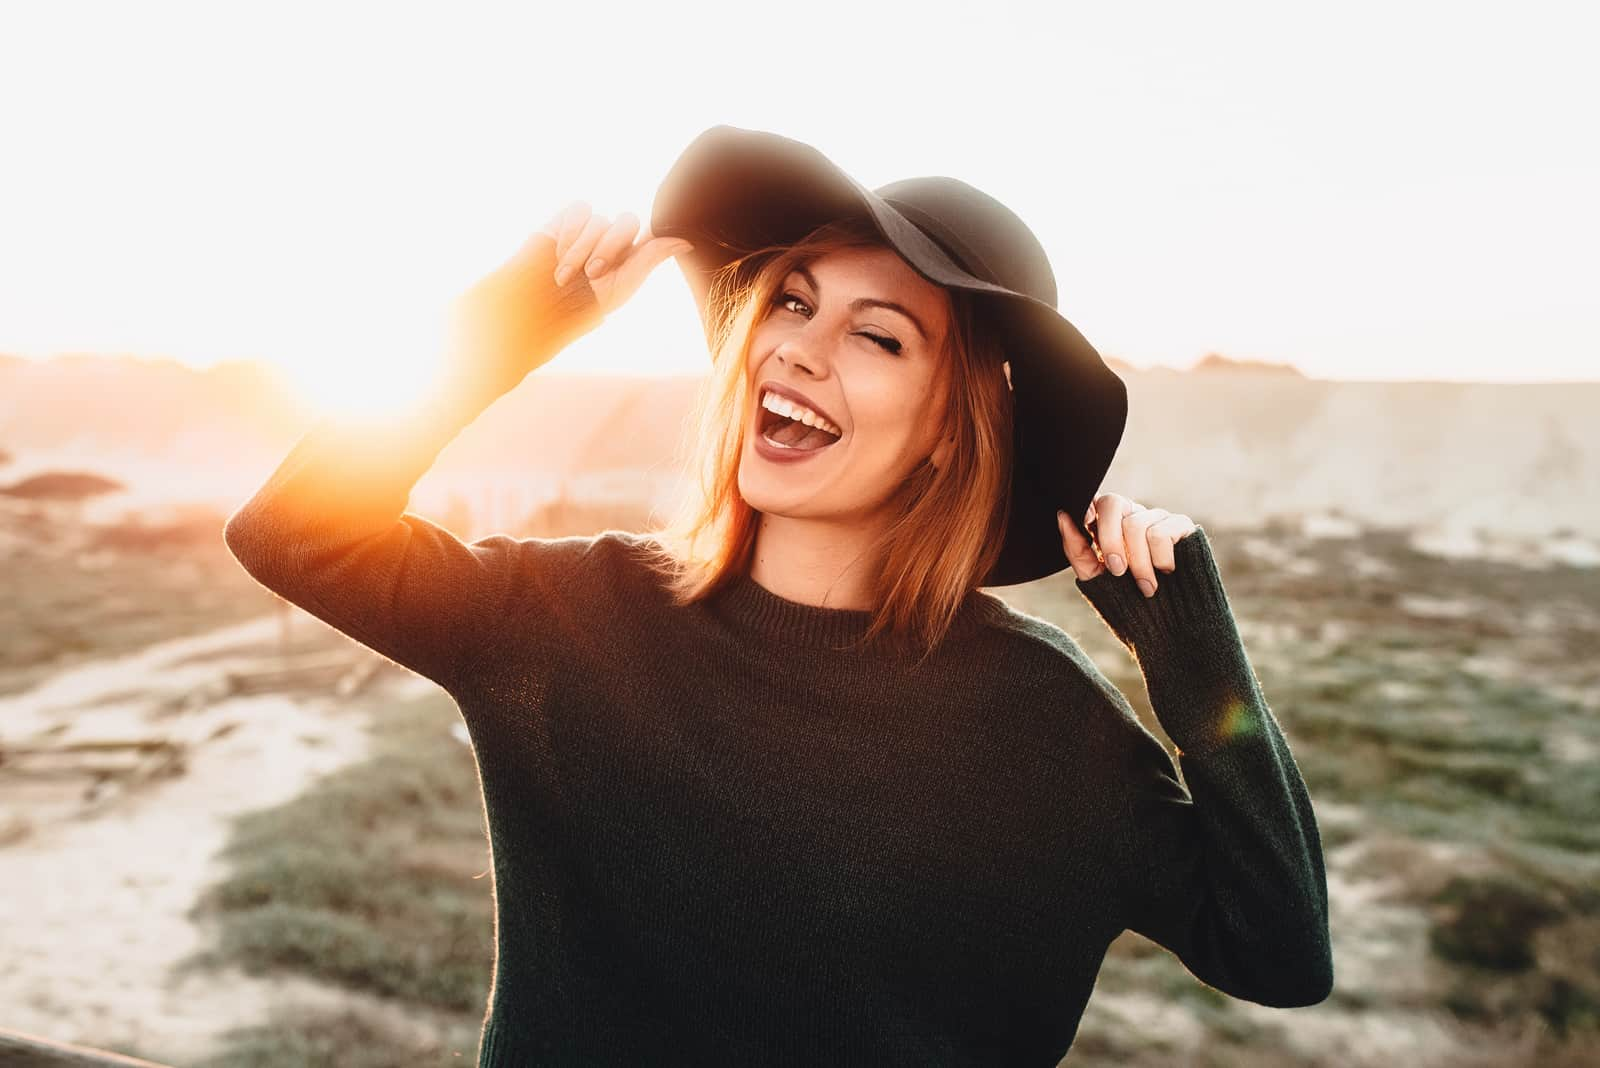 une femme souriante avec un chapeau noir sur la tête